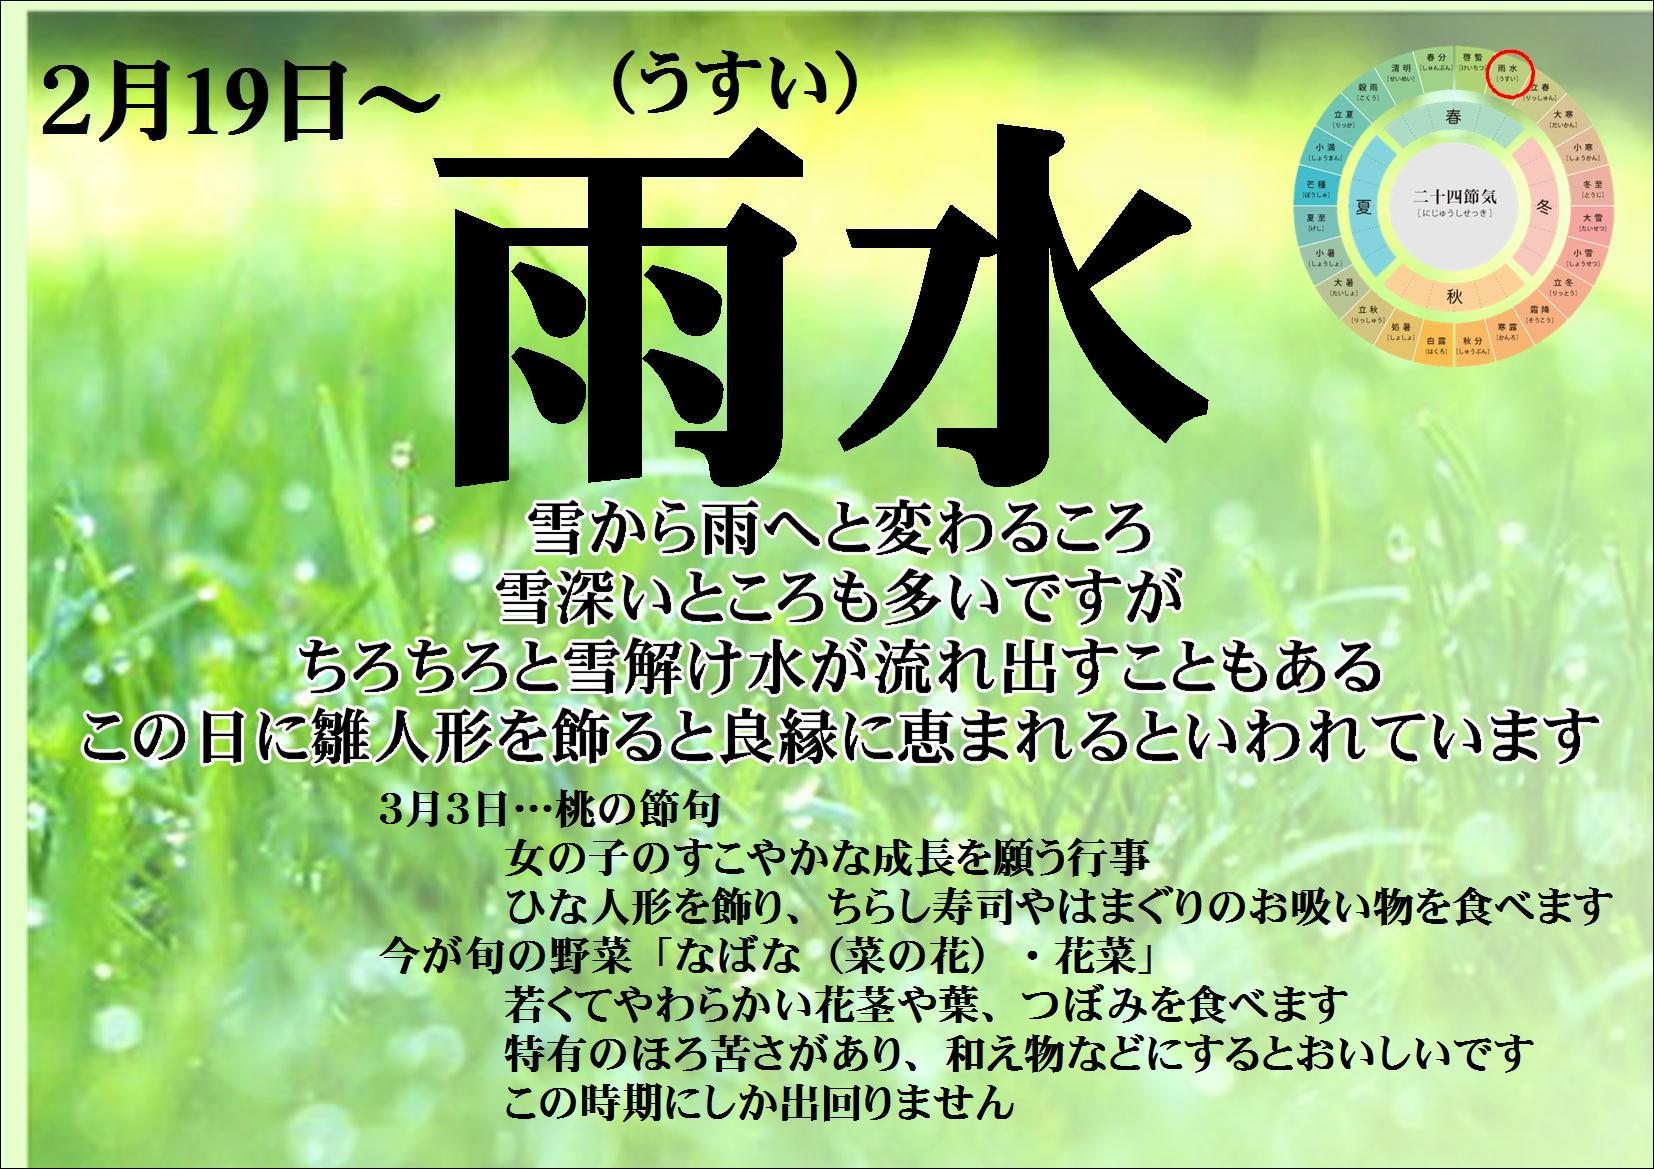 2/19(月)~3/5(月)は「雨水(うすい)」です